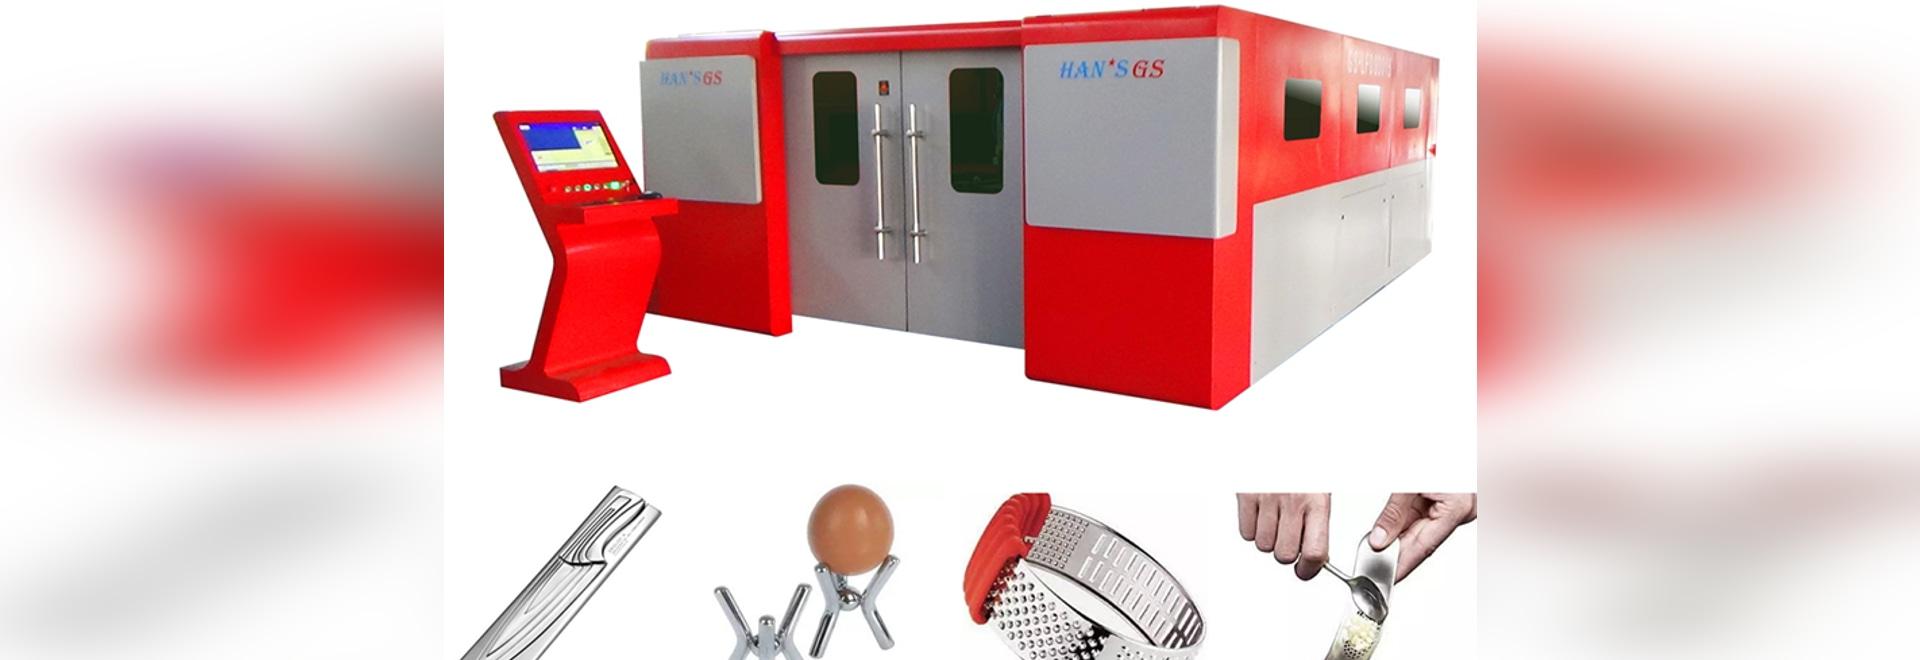 2 Jahre Faserlaser-Trennschneider Garantie HANS GS sind in der Küchengeschirrindustrie weitverbreitet